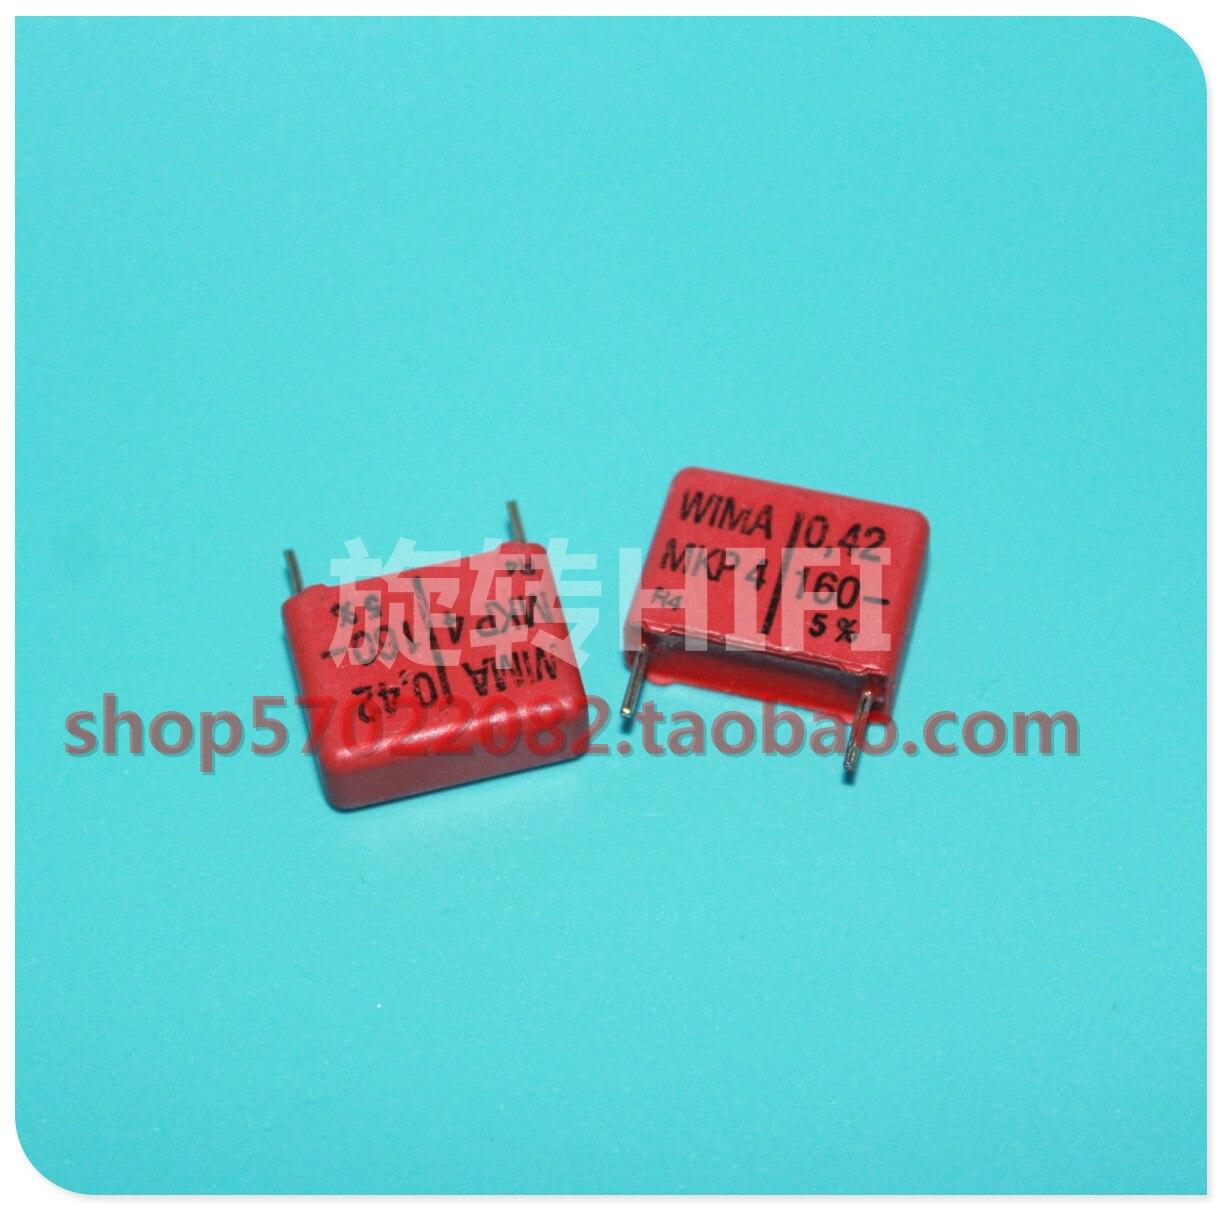 10 pçs vermelho wima mkp4 0.42uf 160v pcm15 original novo MKP-4 424/160 v p15mm áudio 242 venda quente 0.42 uf/160 v 420nf